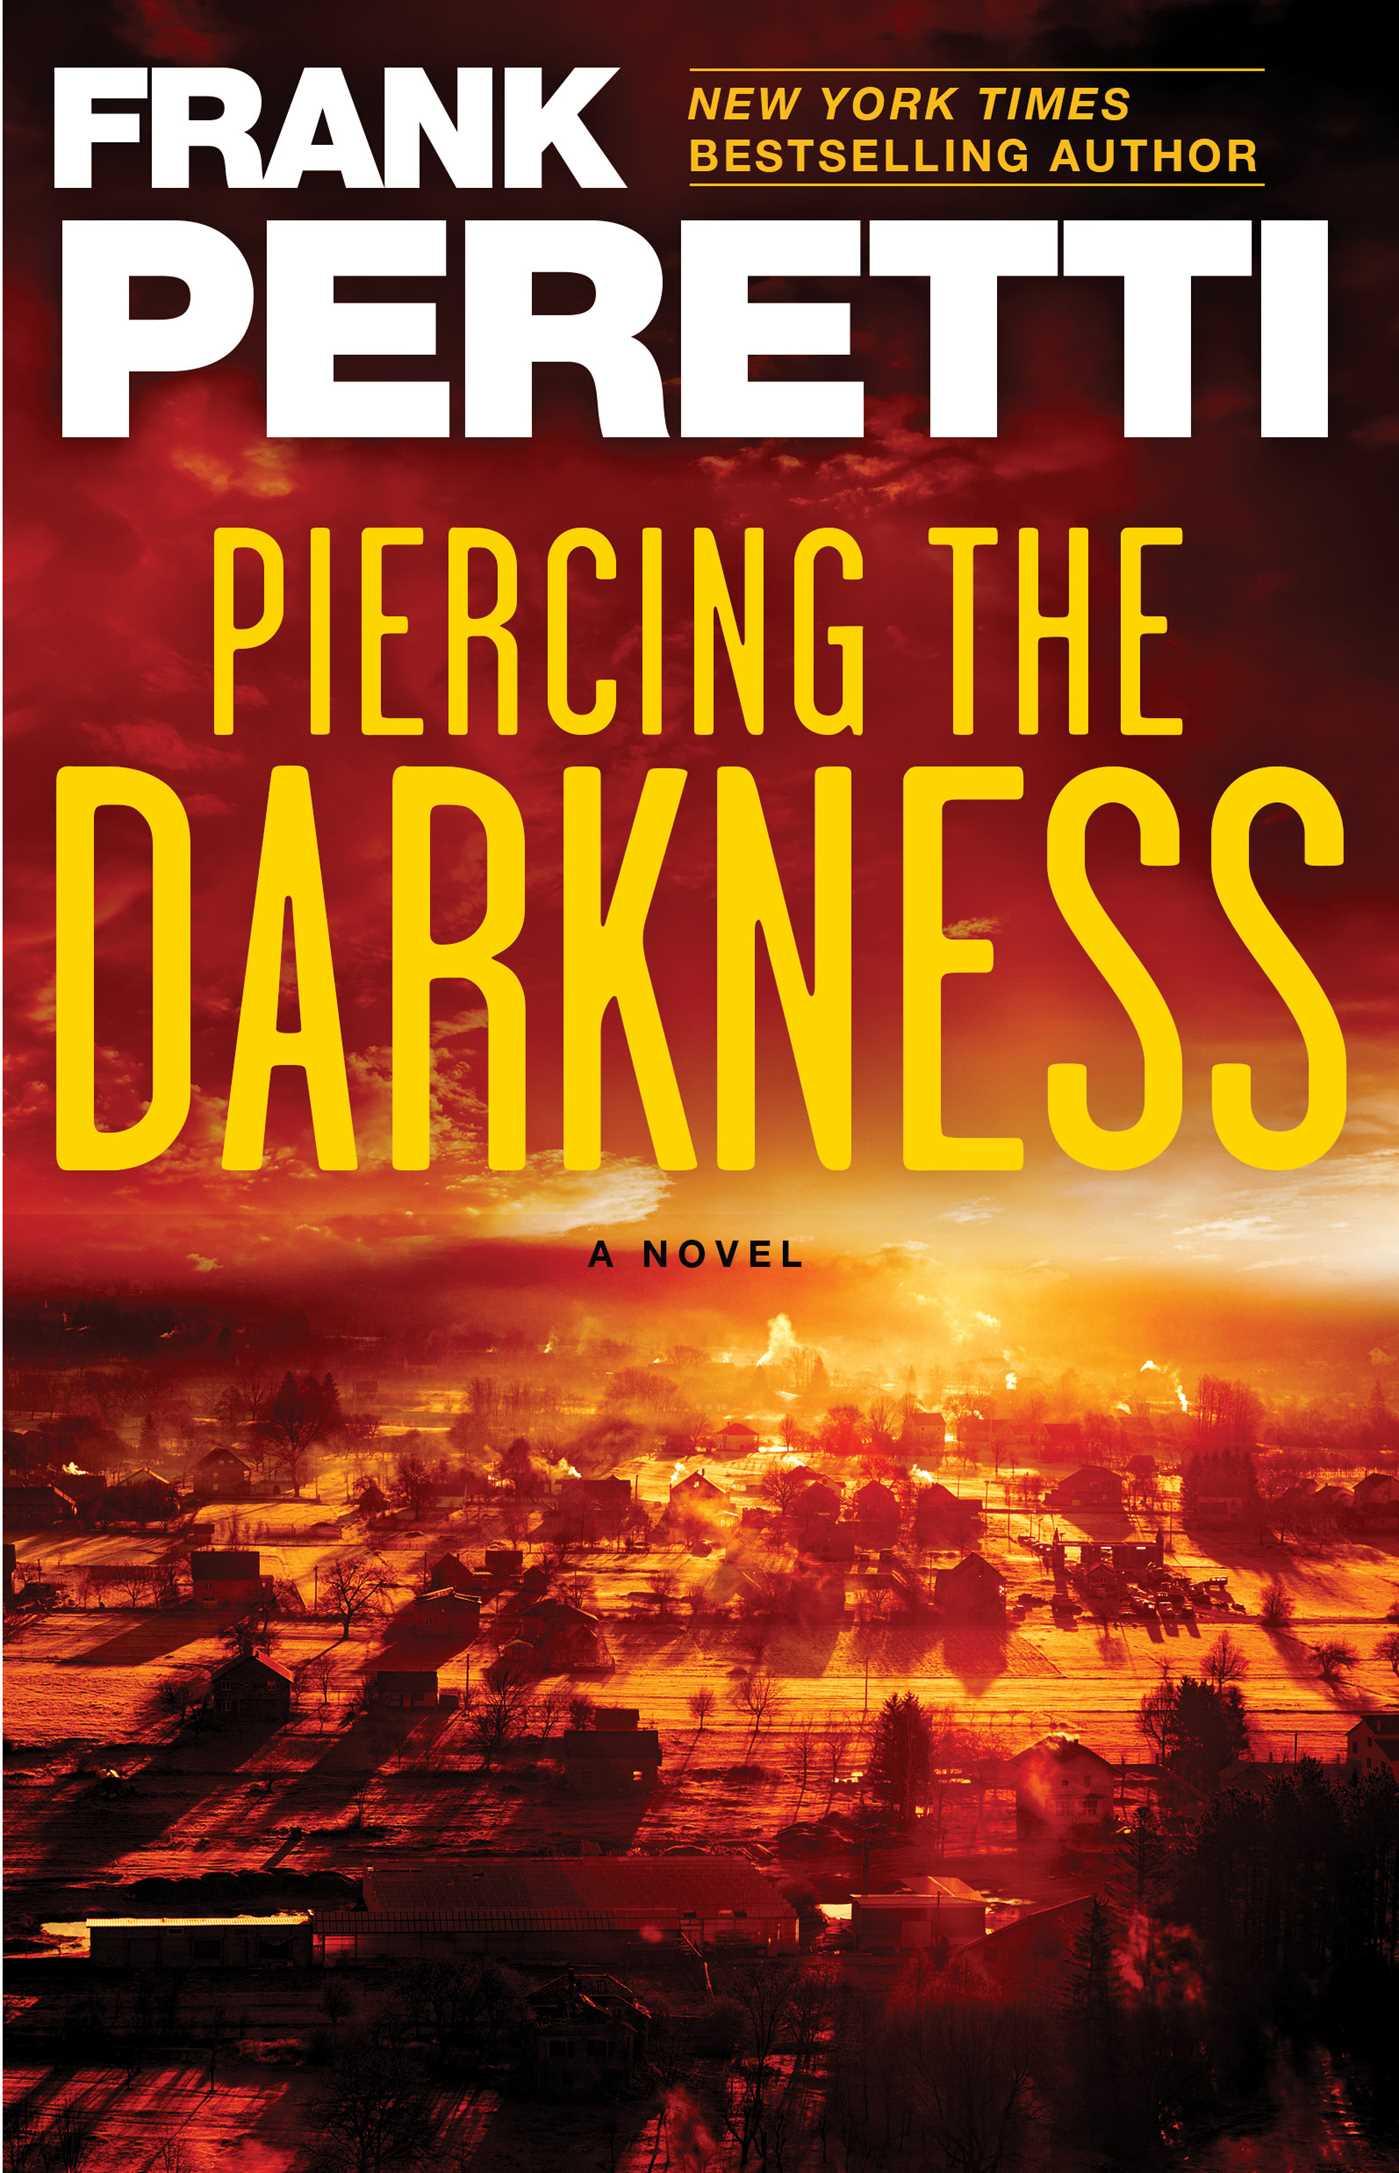 Piercing the darkness 9781451673340 hr